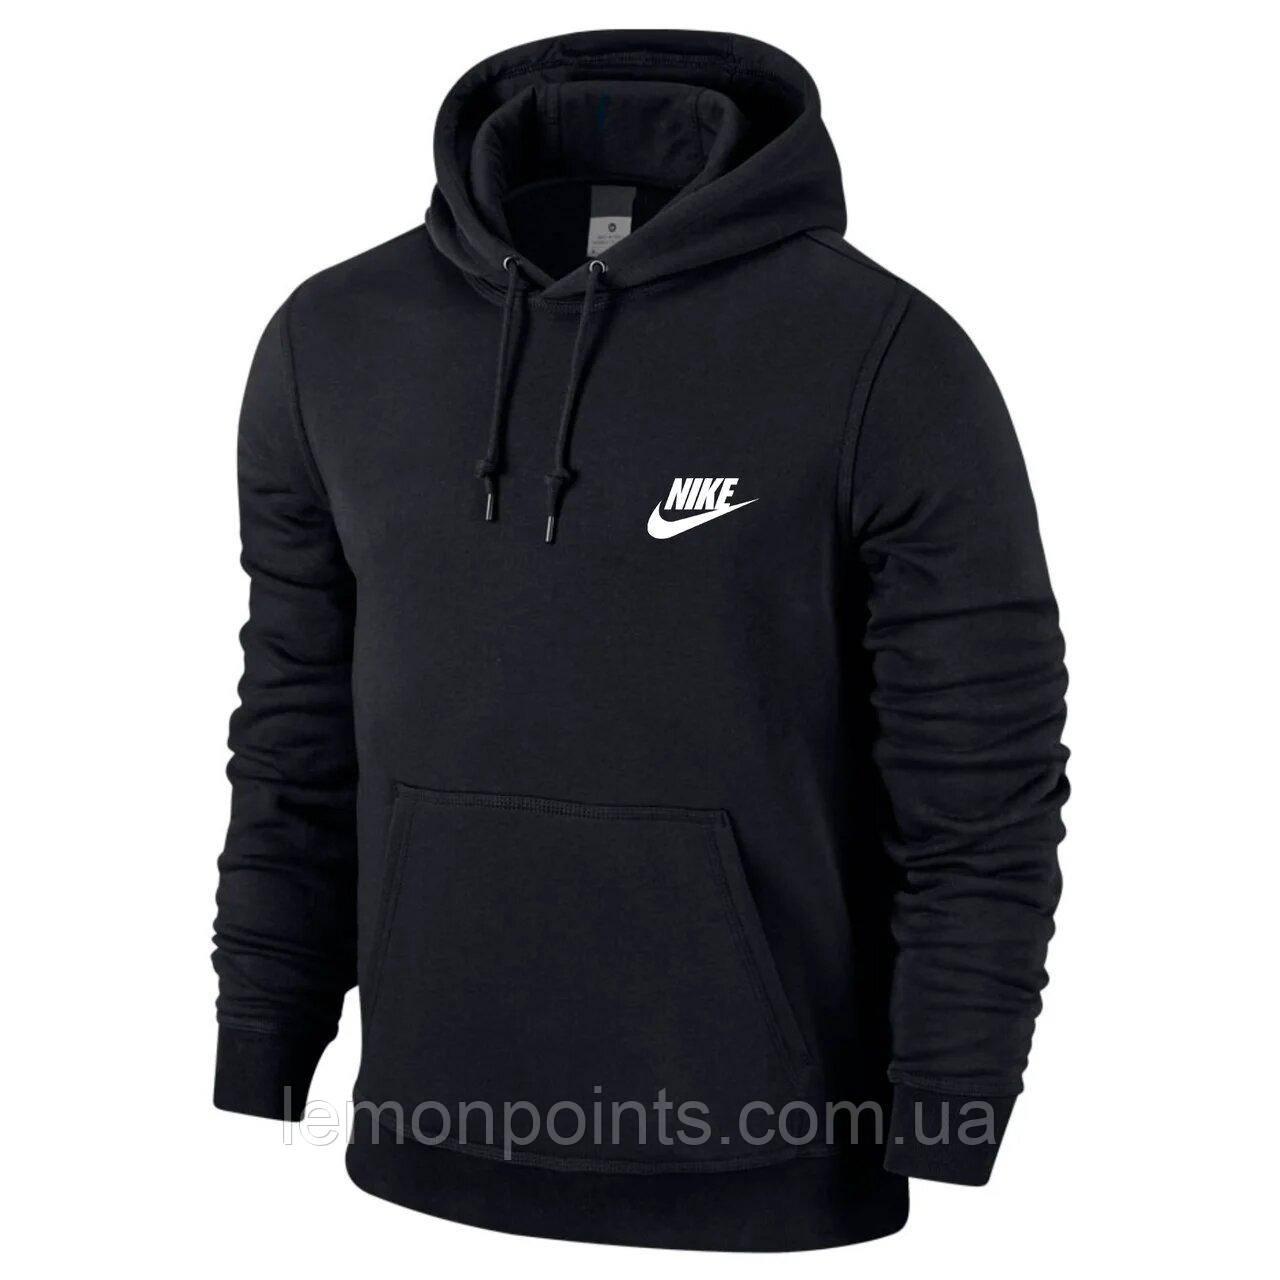 Чоловіча спортивна Тепла толстовка, худі, кенгурушка ФЛИС (до -25 °С) Nike (Найк) Чорний